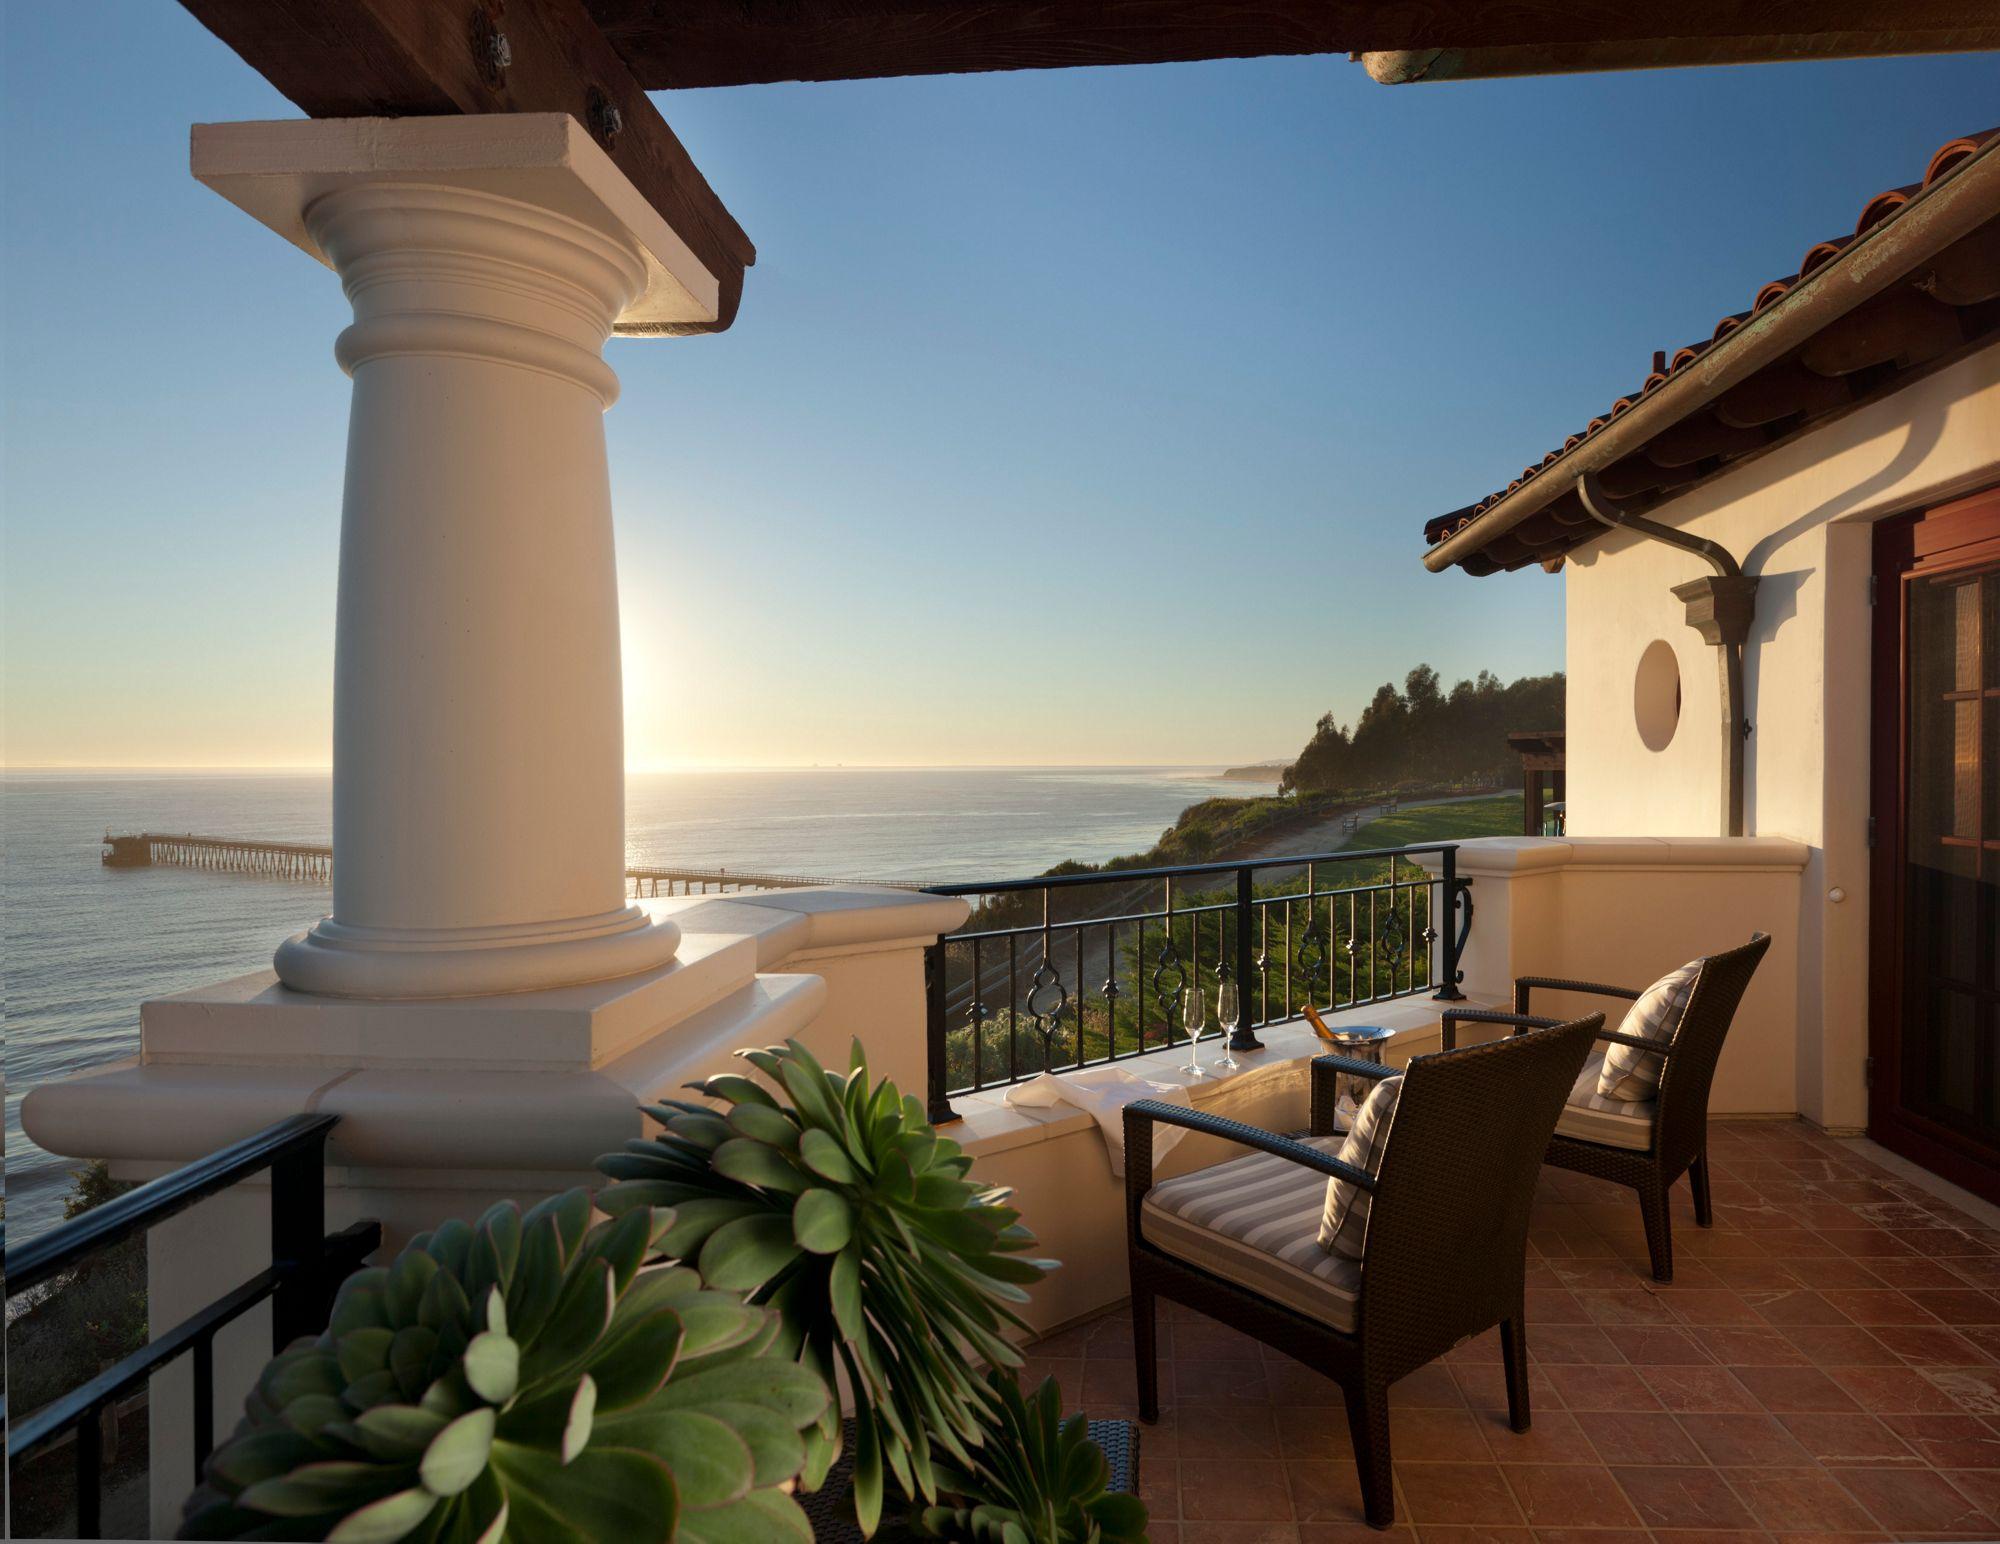 The Ritz Carlton Suite The Ritz Carlton Bacara Santa Barbara